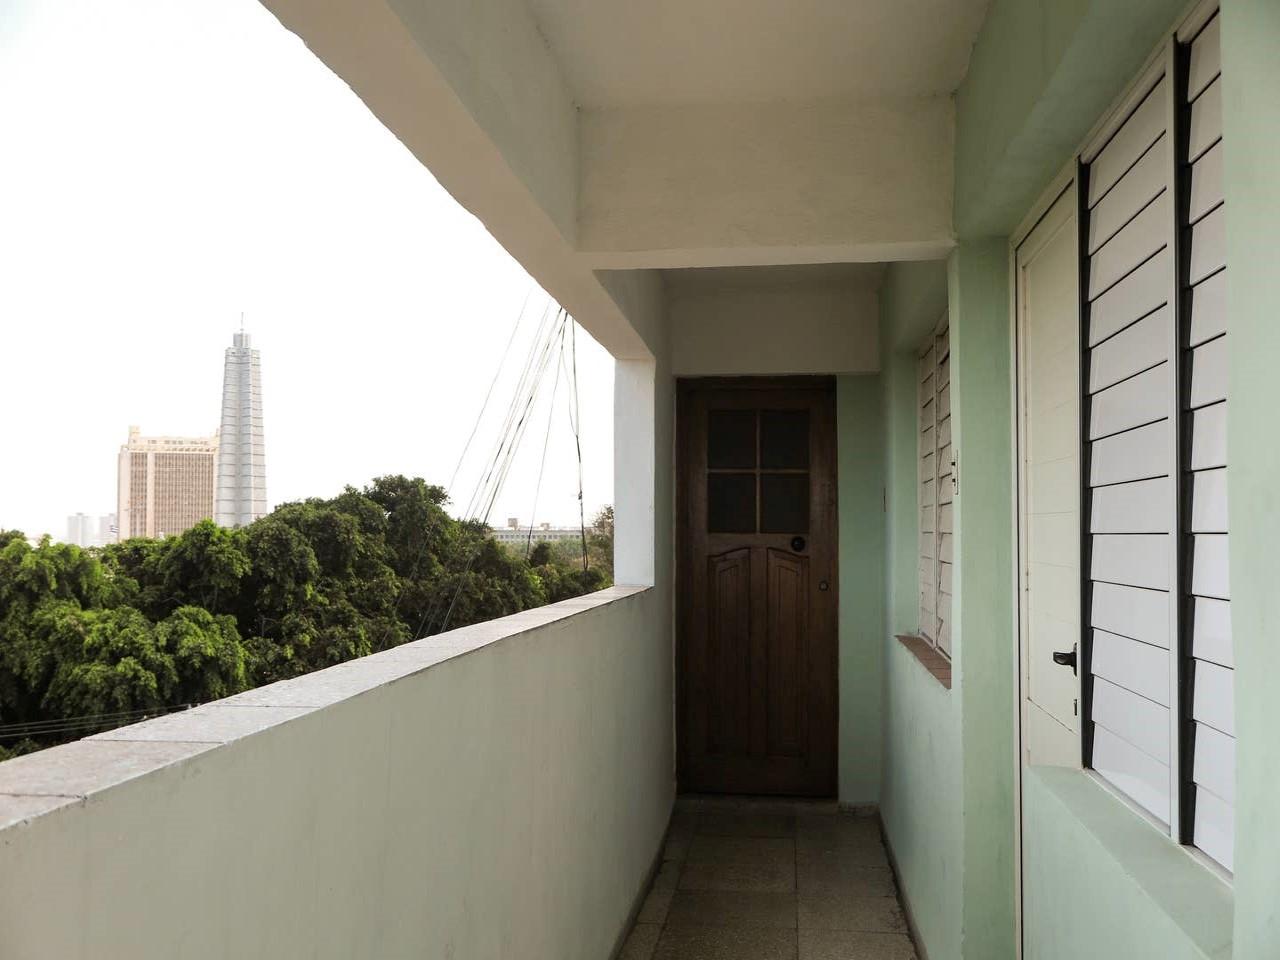 Apartamento La Plaza -                                                 Frente de la casa